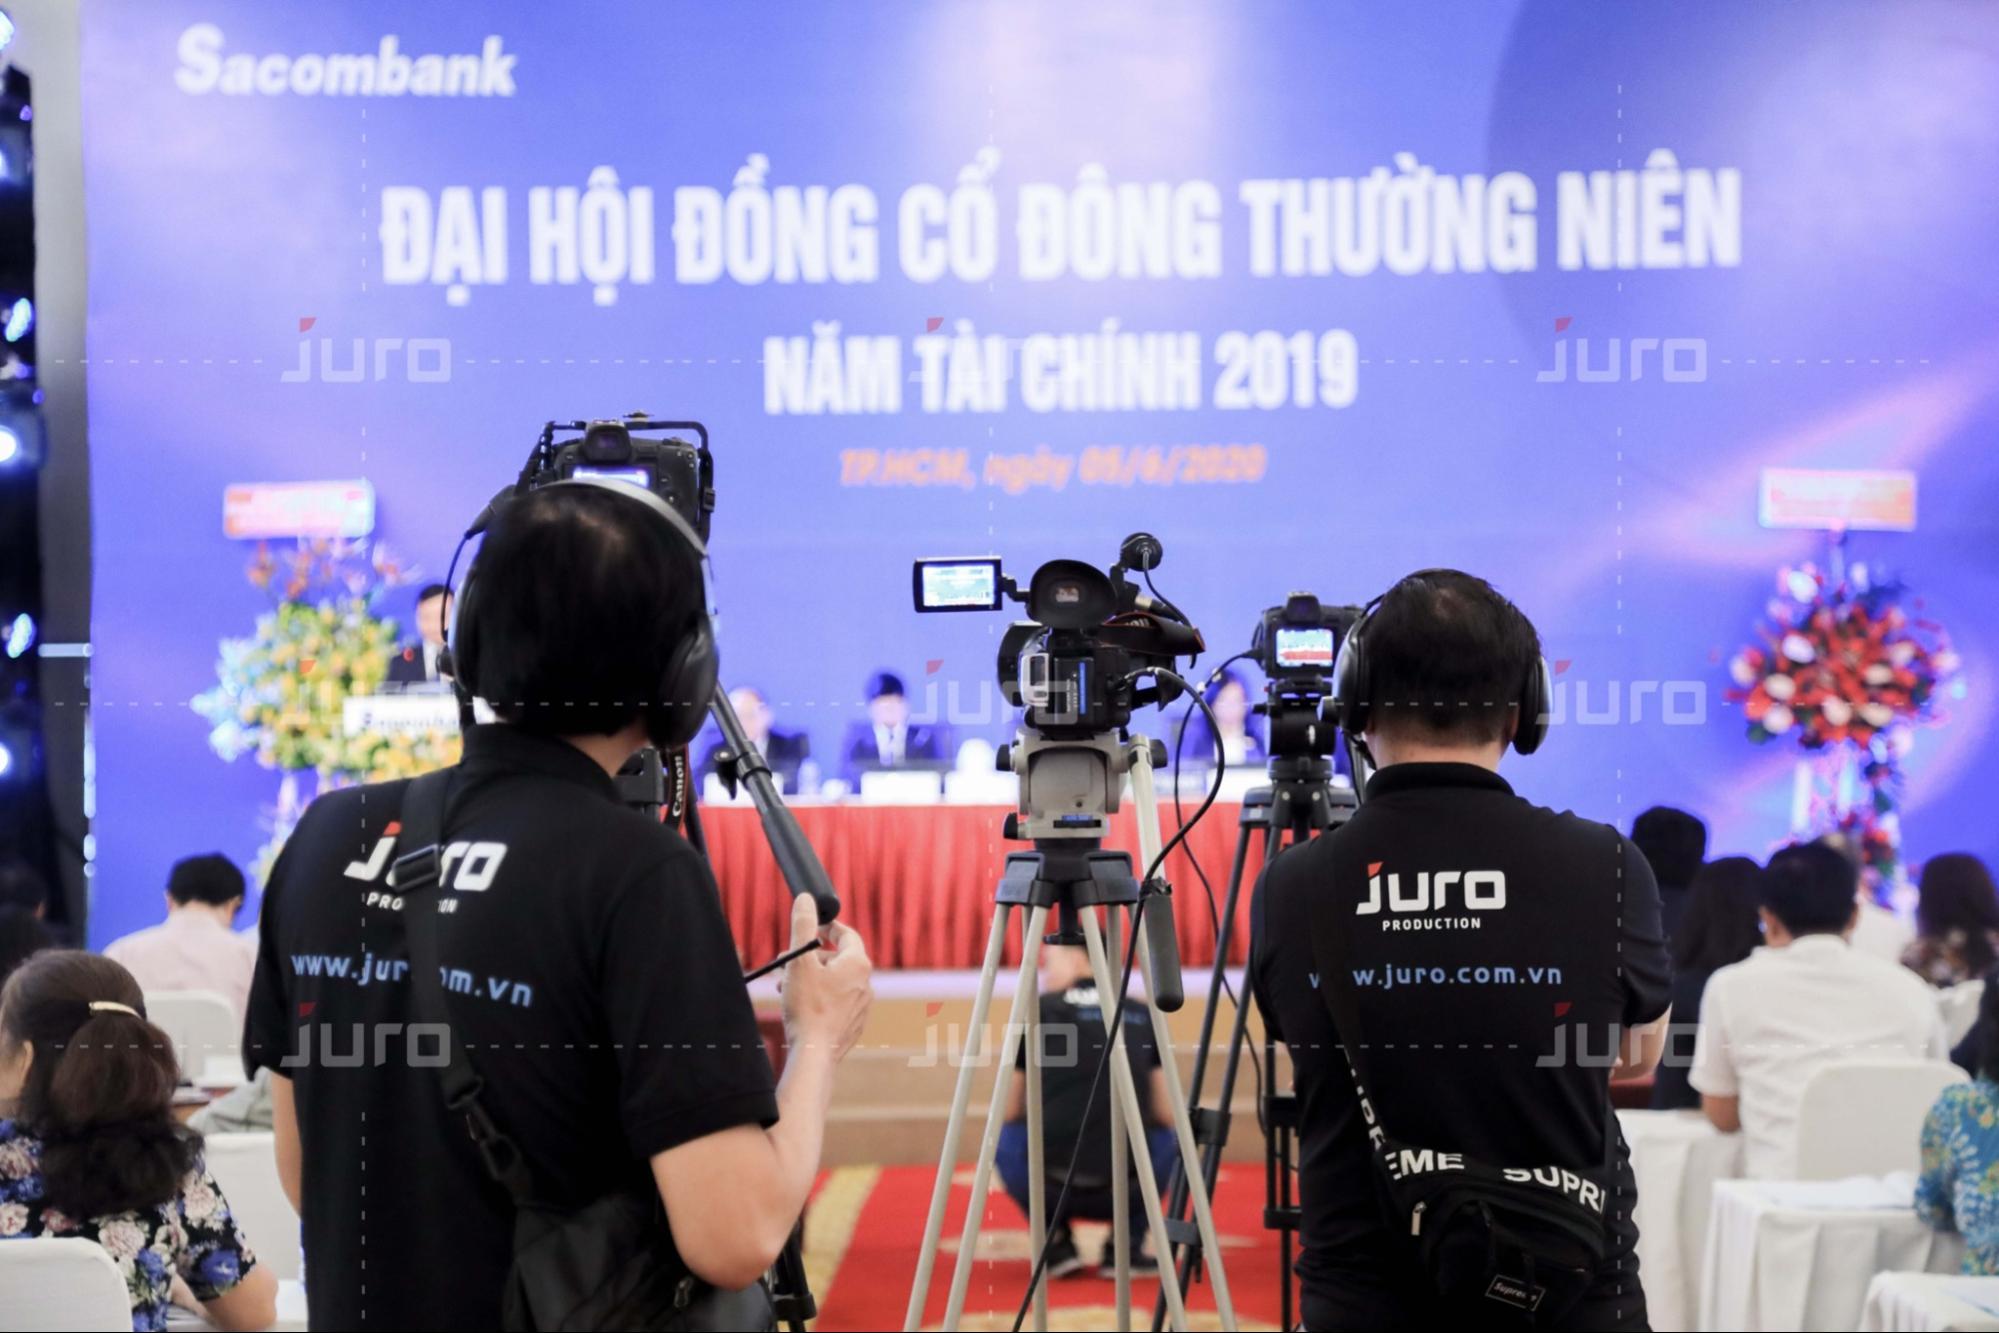 JURO - Công ty tổ chức sự kiện uy tín tại TP.HCM